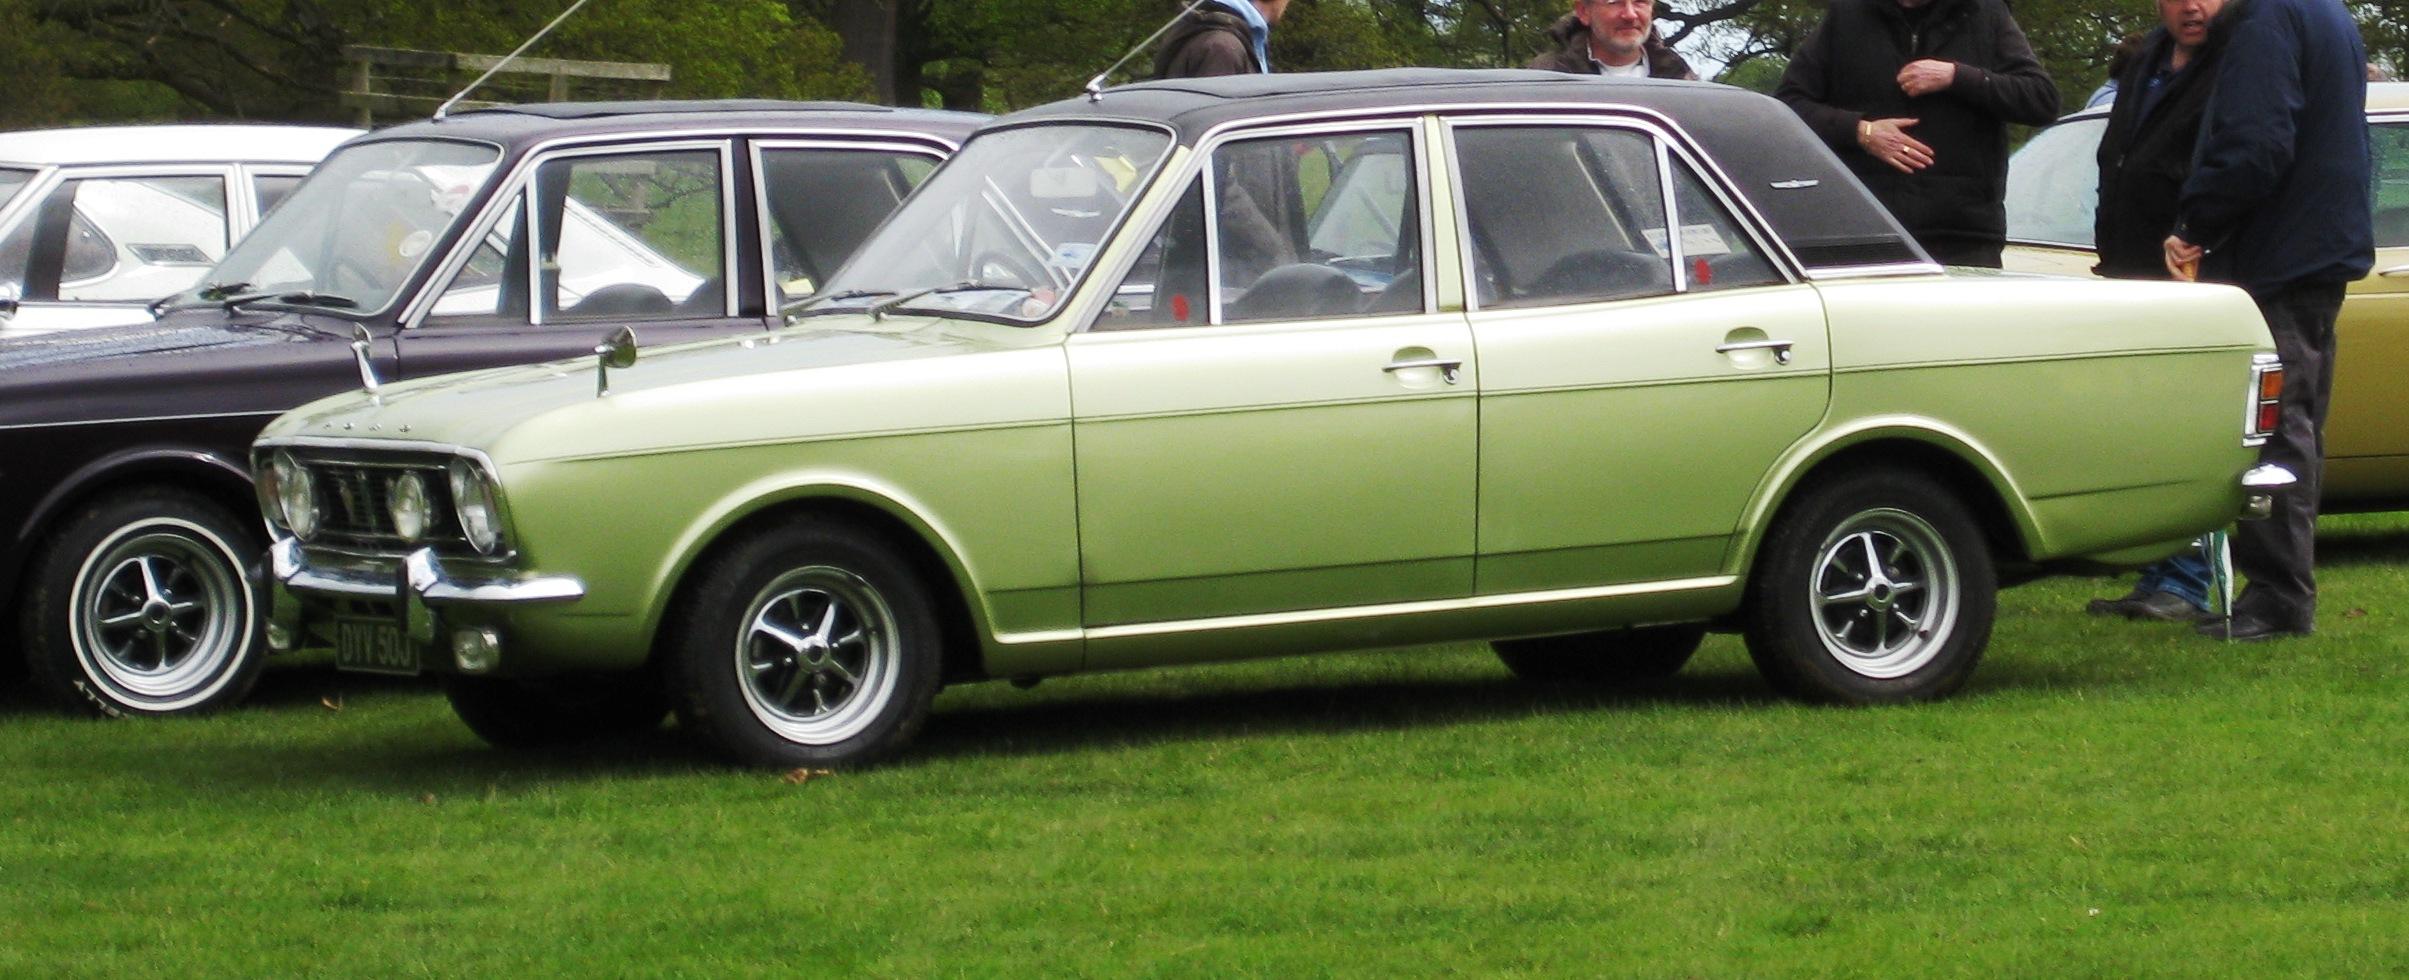 Description Ford Cortina 1600E 1599cc Oct 1970.JPG